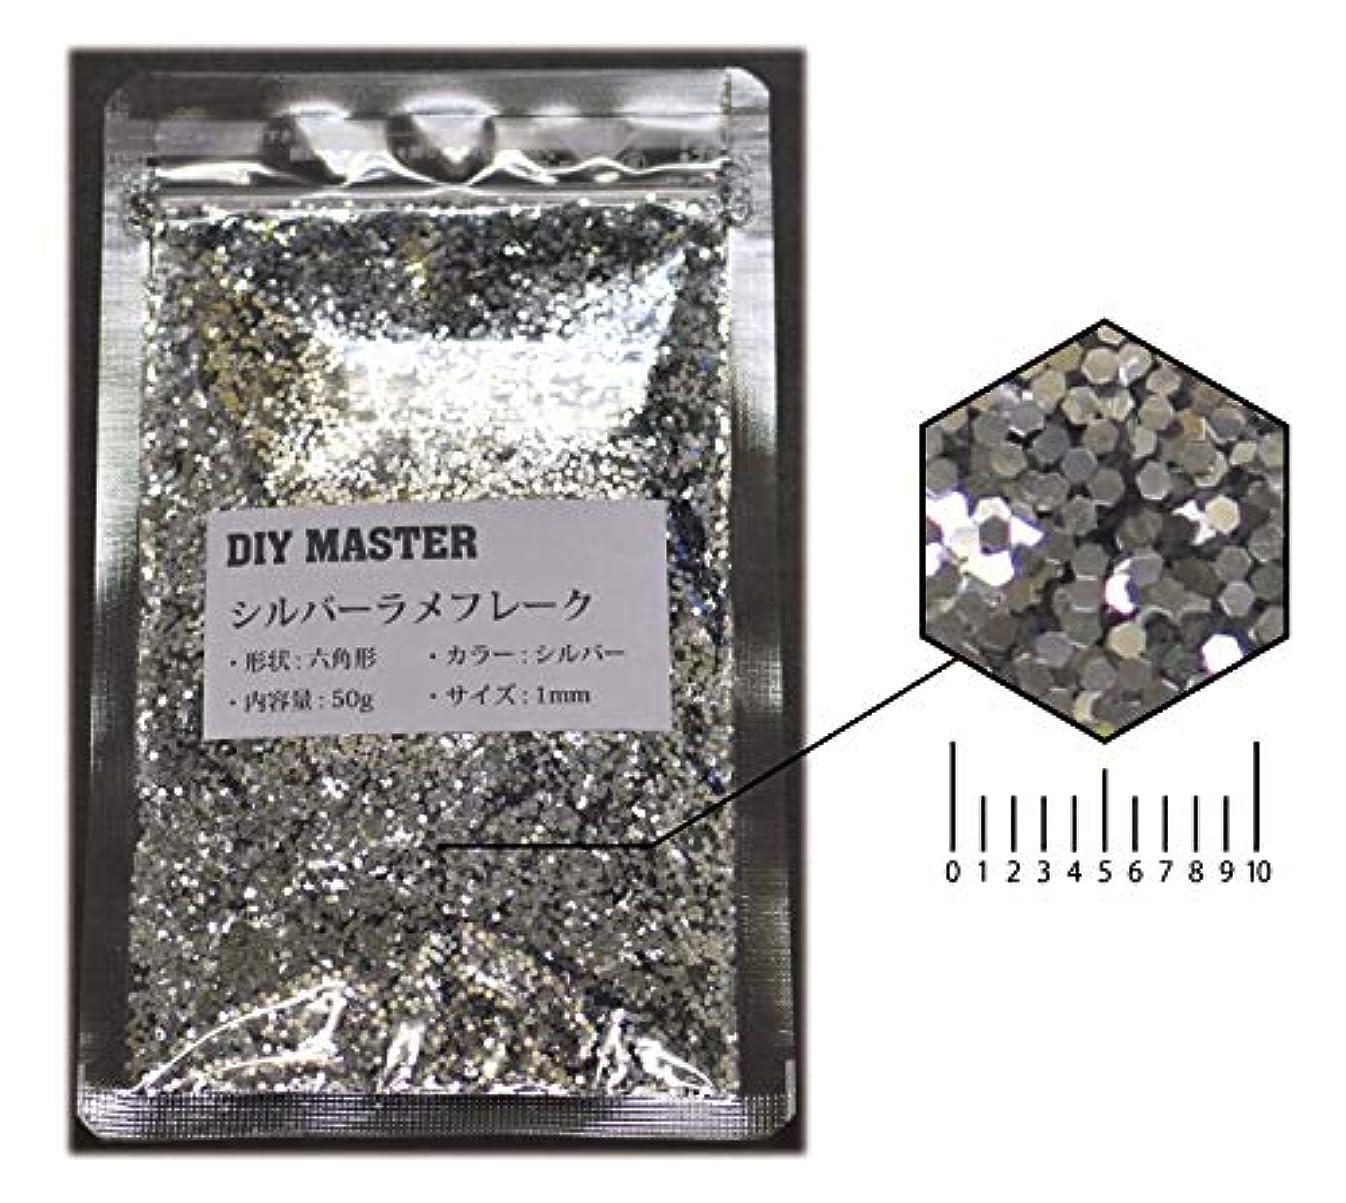 私たちのもの評価する可能DIY MASTER シルバー ラメフレーク 1mm 50g